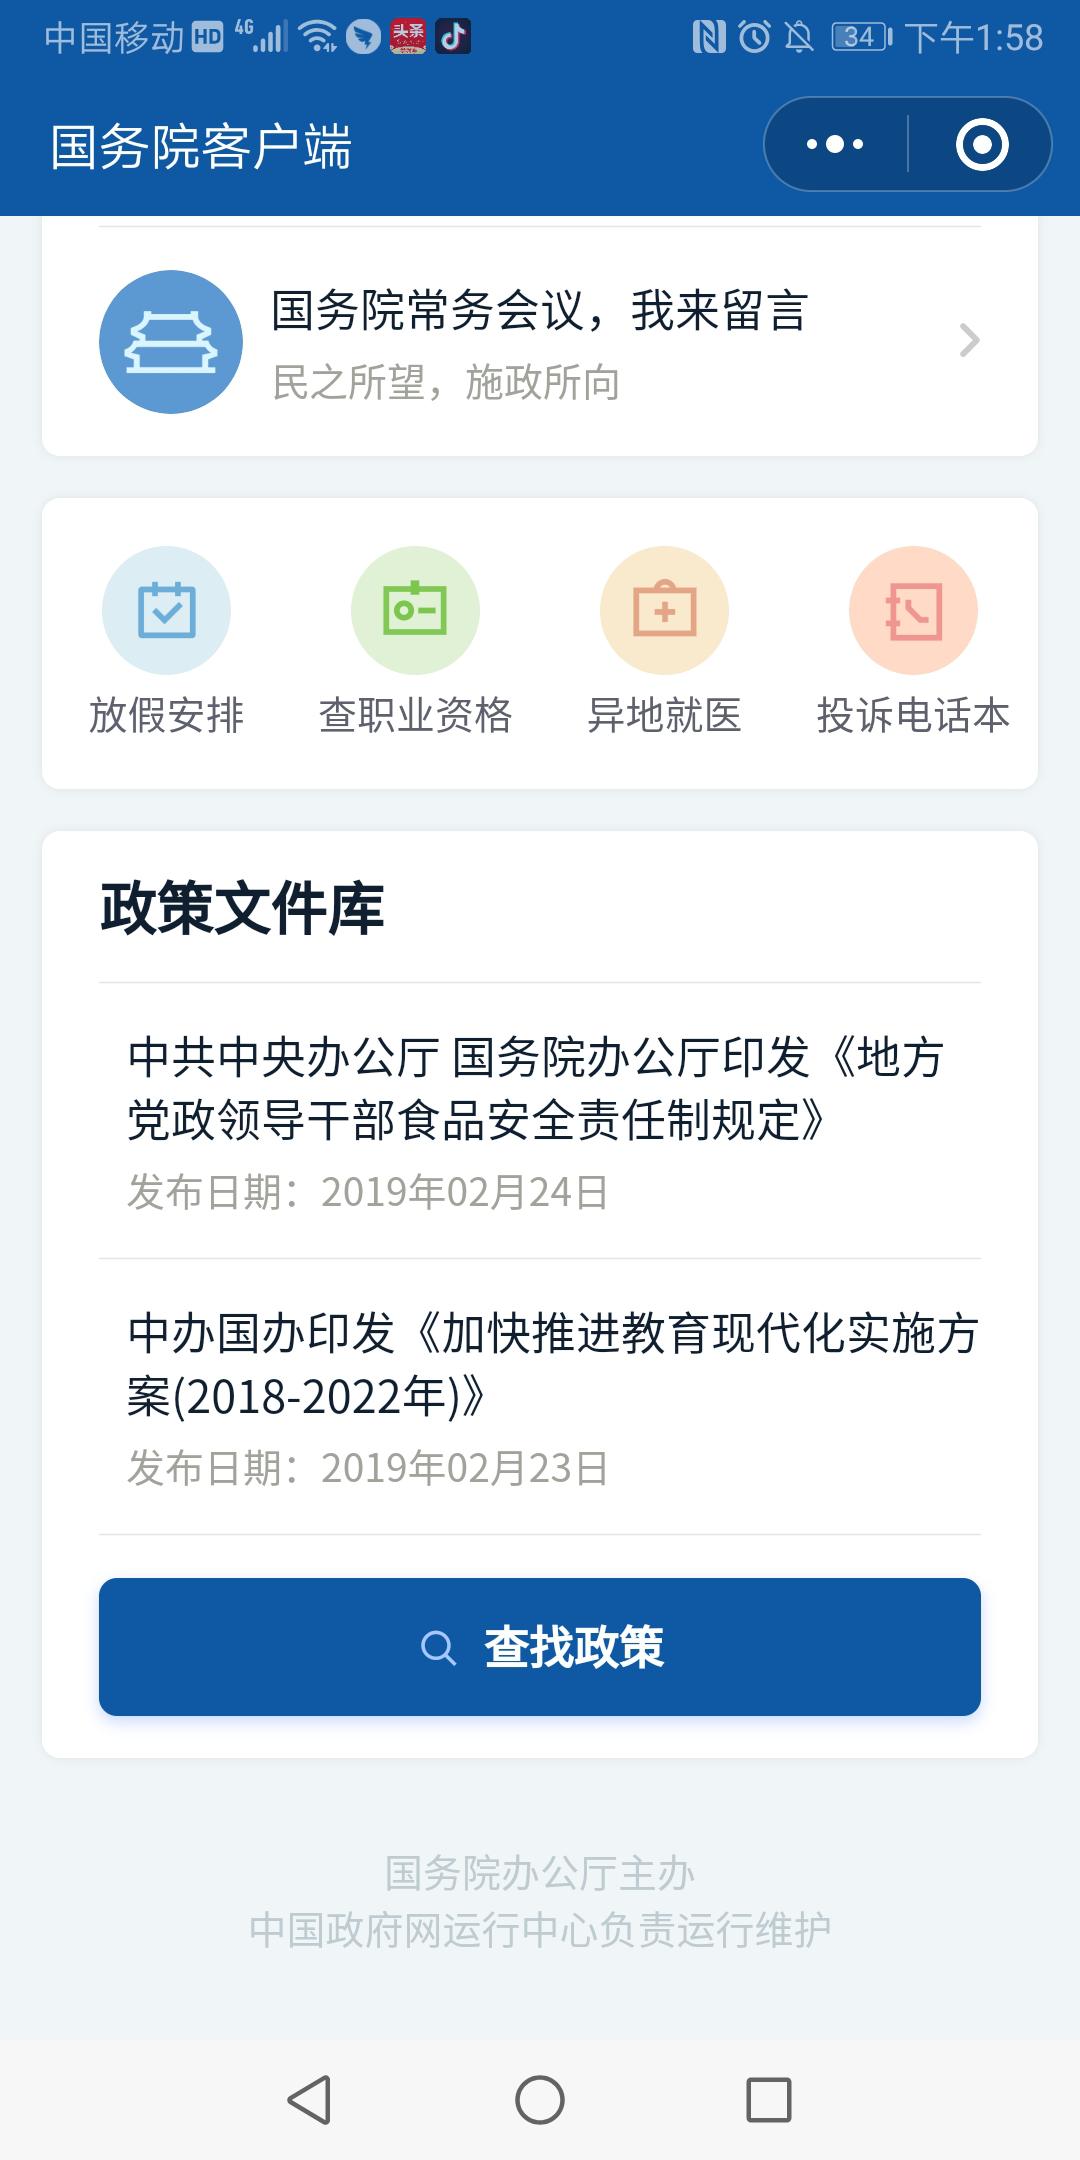 国务院客户端小程序政务文件库